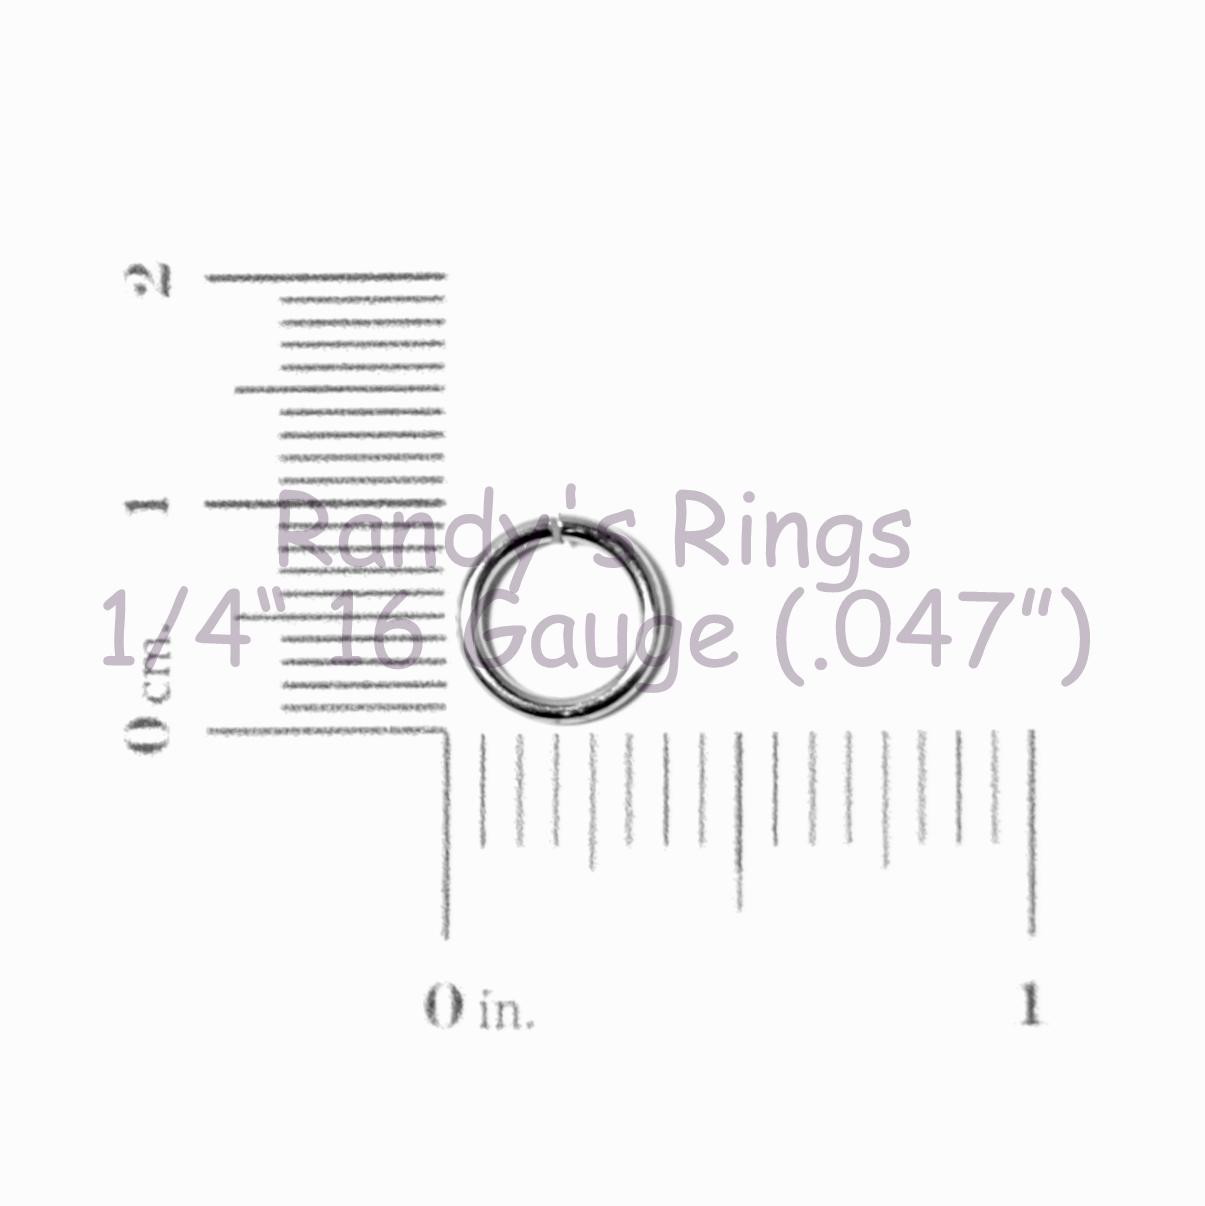 Randy S Rings Gt 1 4 16 Gauge 047 Jump Rings 5 000 Rings